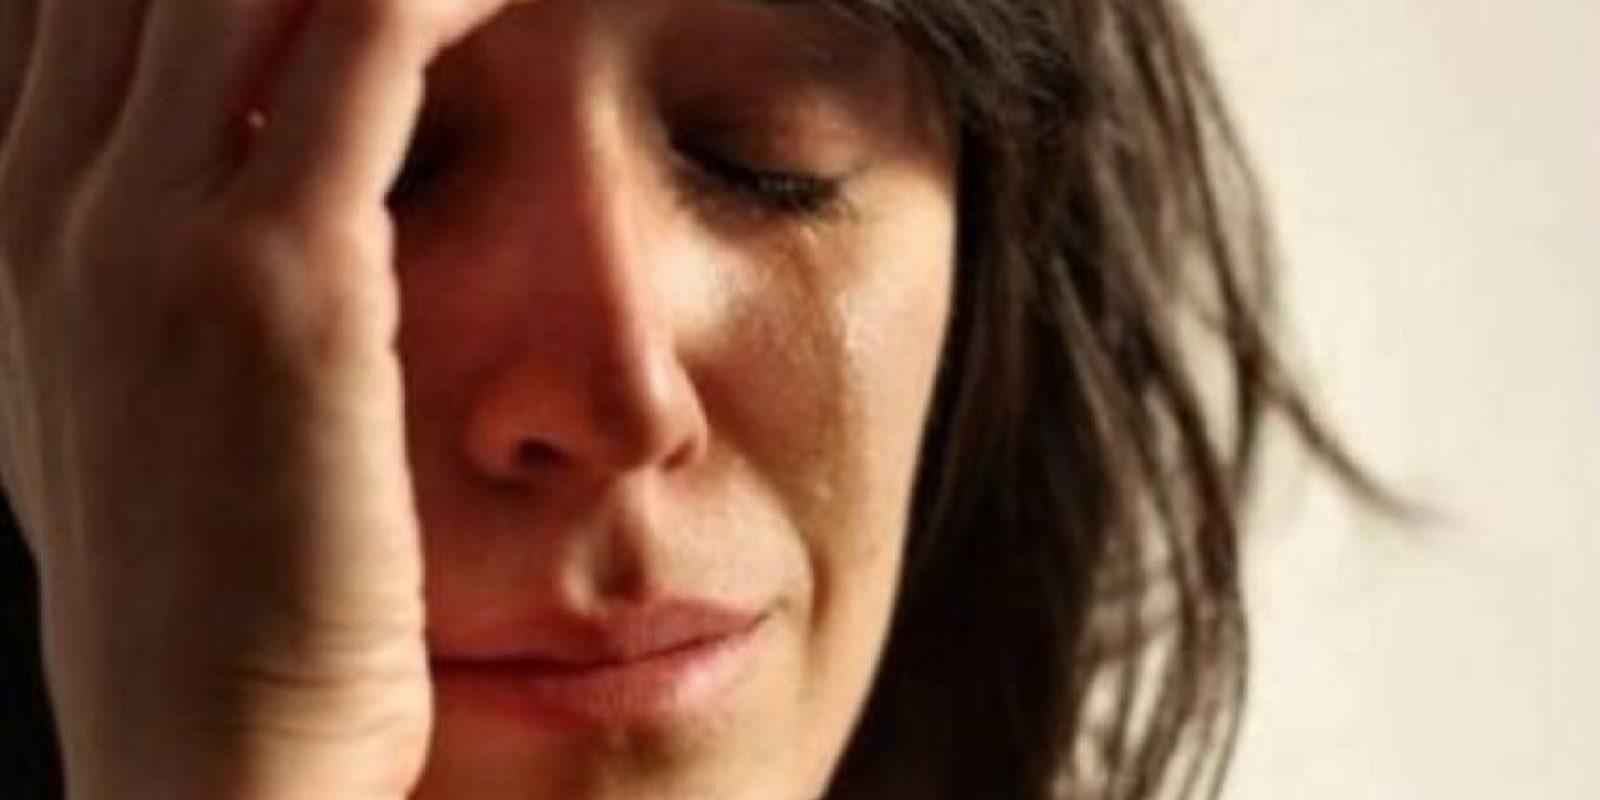 5. Ambas son producidas por los ovarios y son las culpables de que aparezca un enorme grano en su nariz o frente. Foto:Tumblr.com/Tagged/mujeres-sensibles